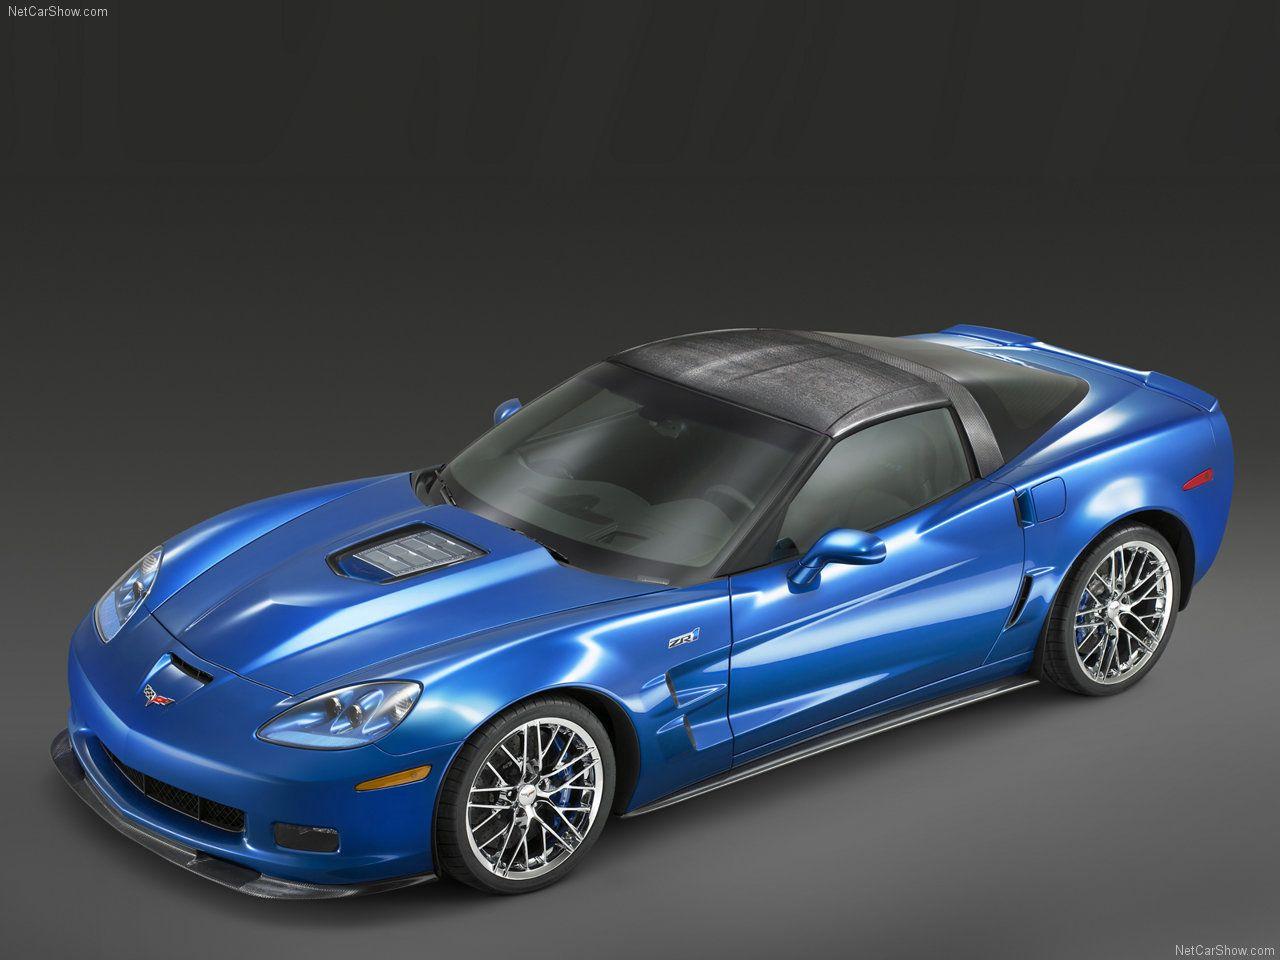 Kelebihan Kekurangan Corvette C6 Zr1 Review